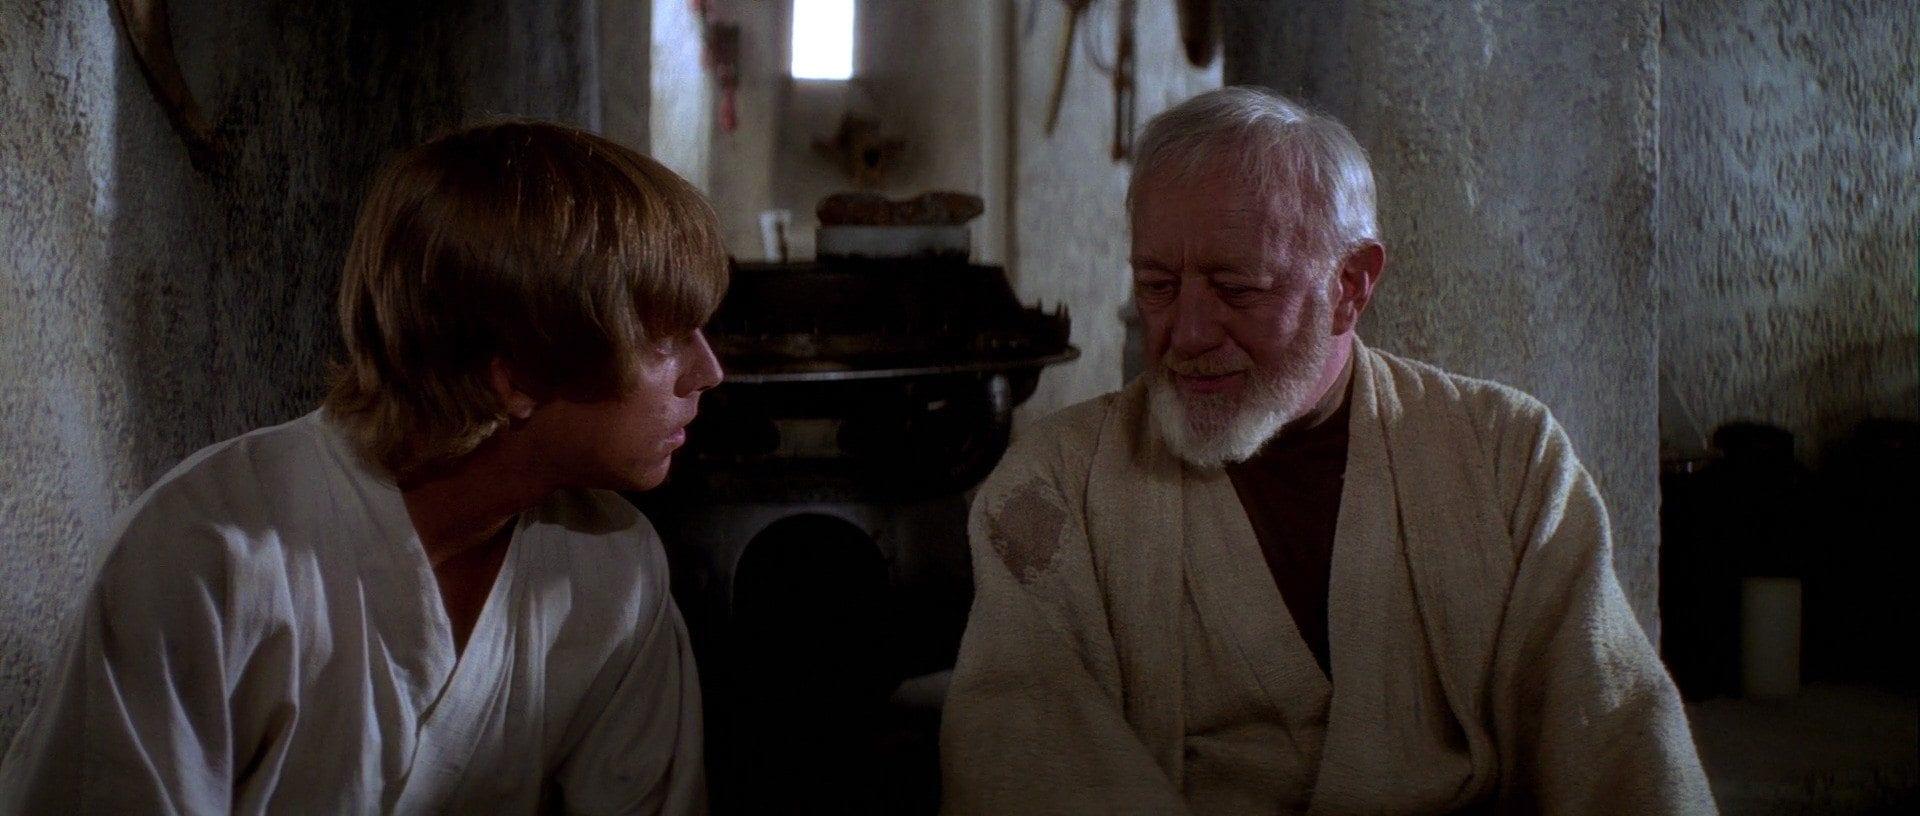 Star Wars plotholes- obi-wan lying to luke